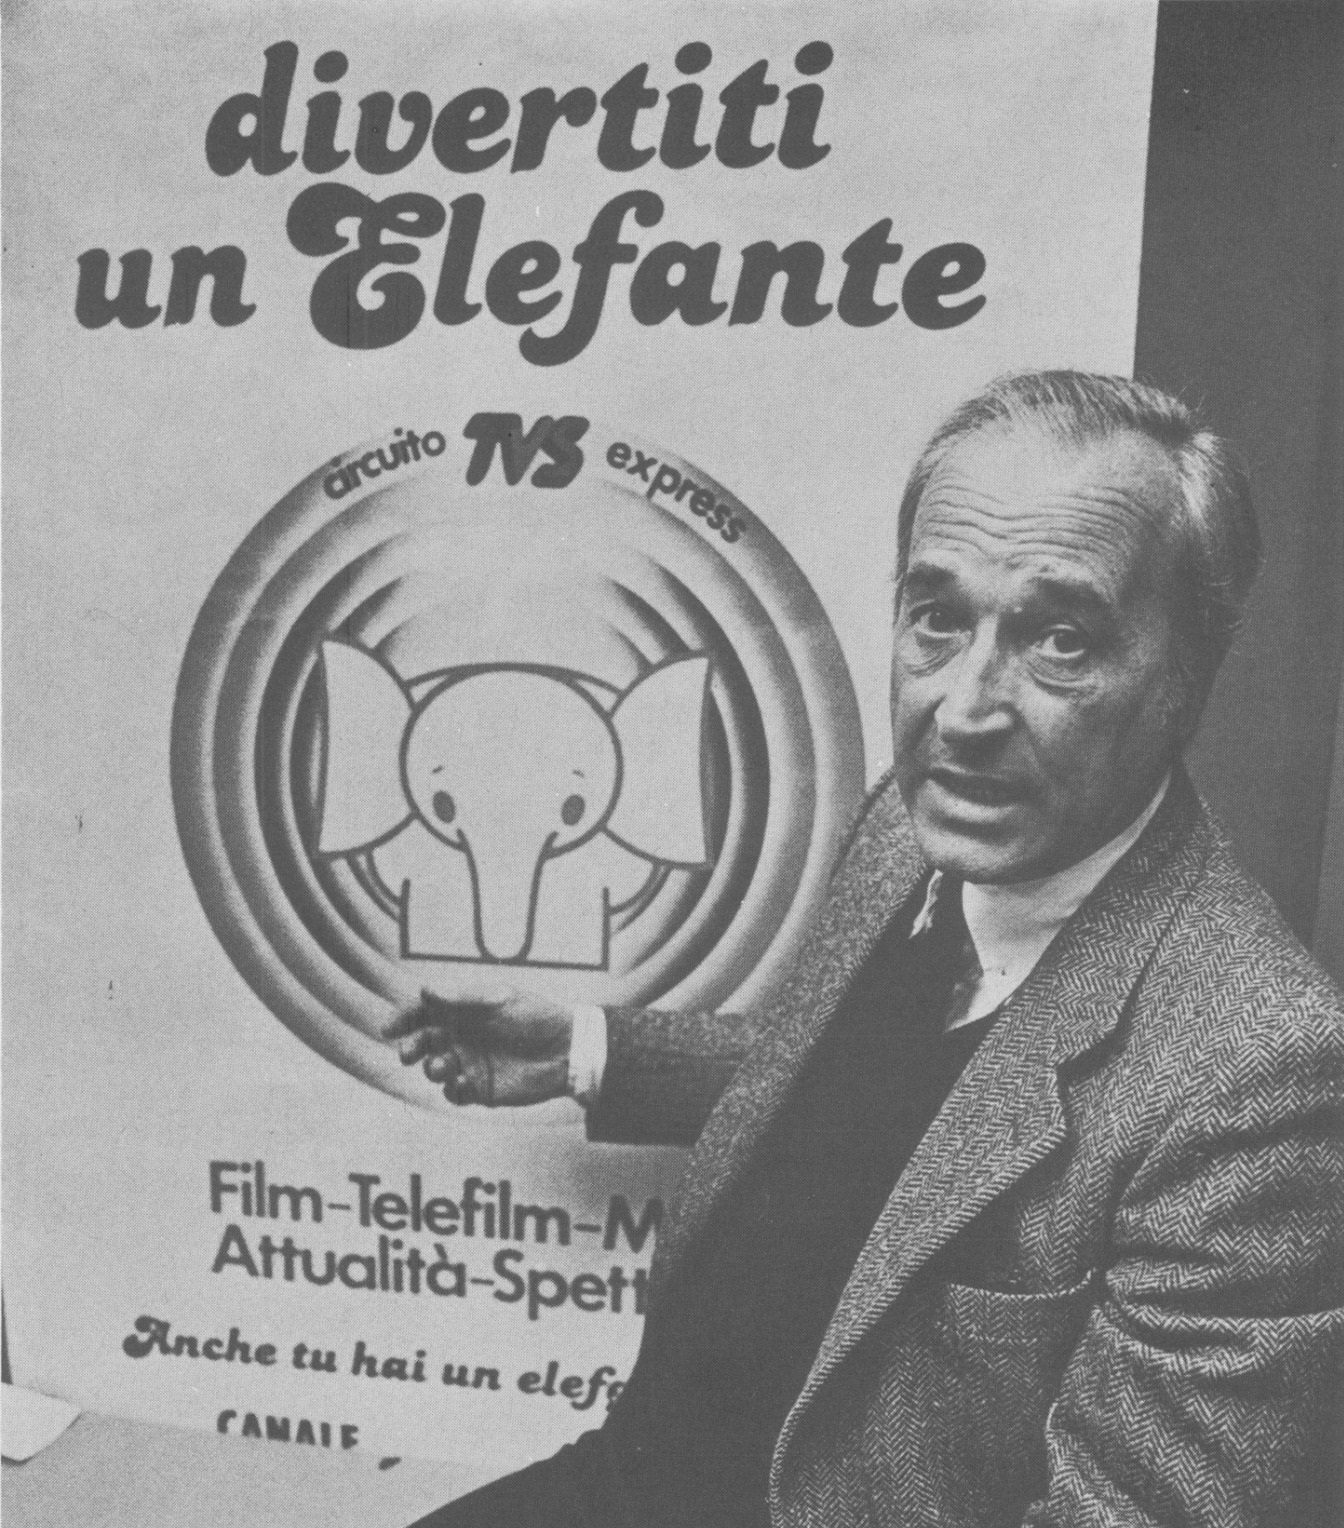 elefante tv 1 - Storia della radiotelevisione italiana: Canale 2000, la seconda rete nazionale dei Marcucci, network provider ante litteram